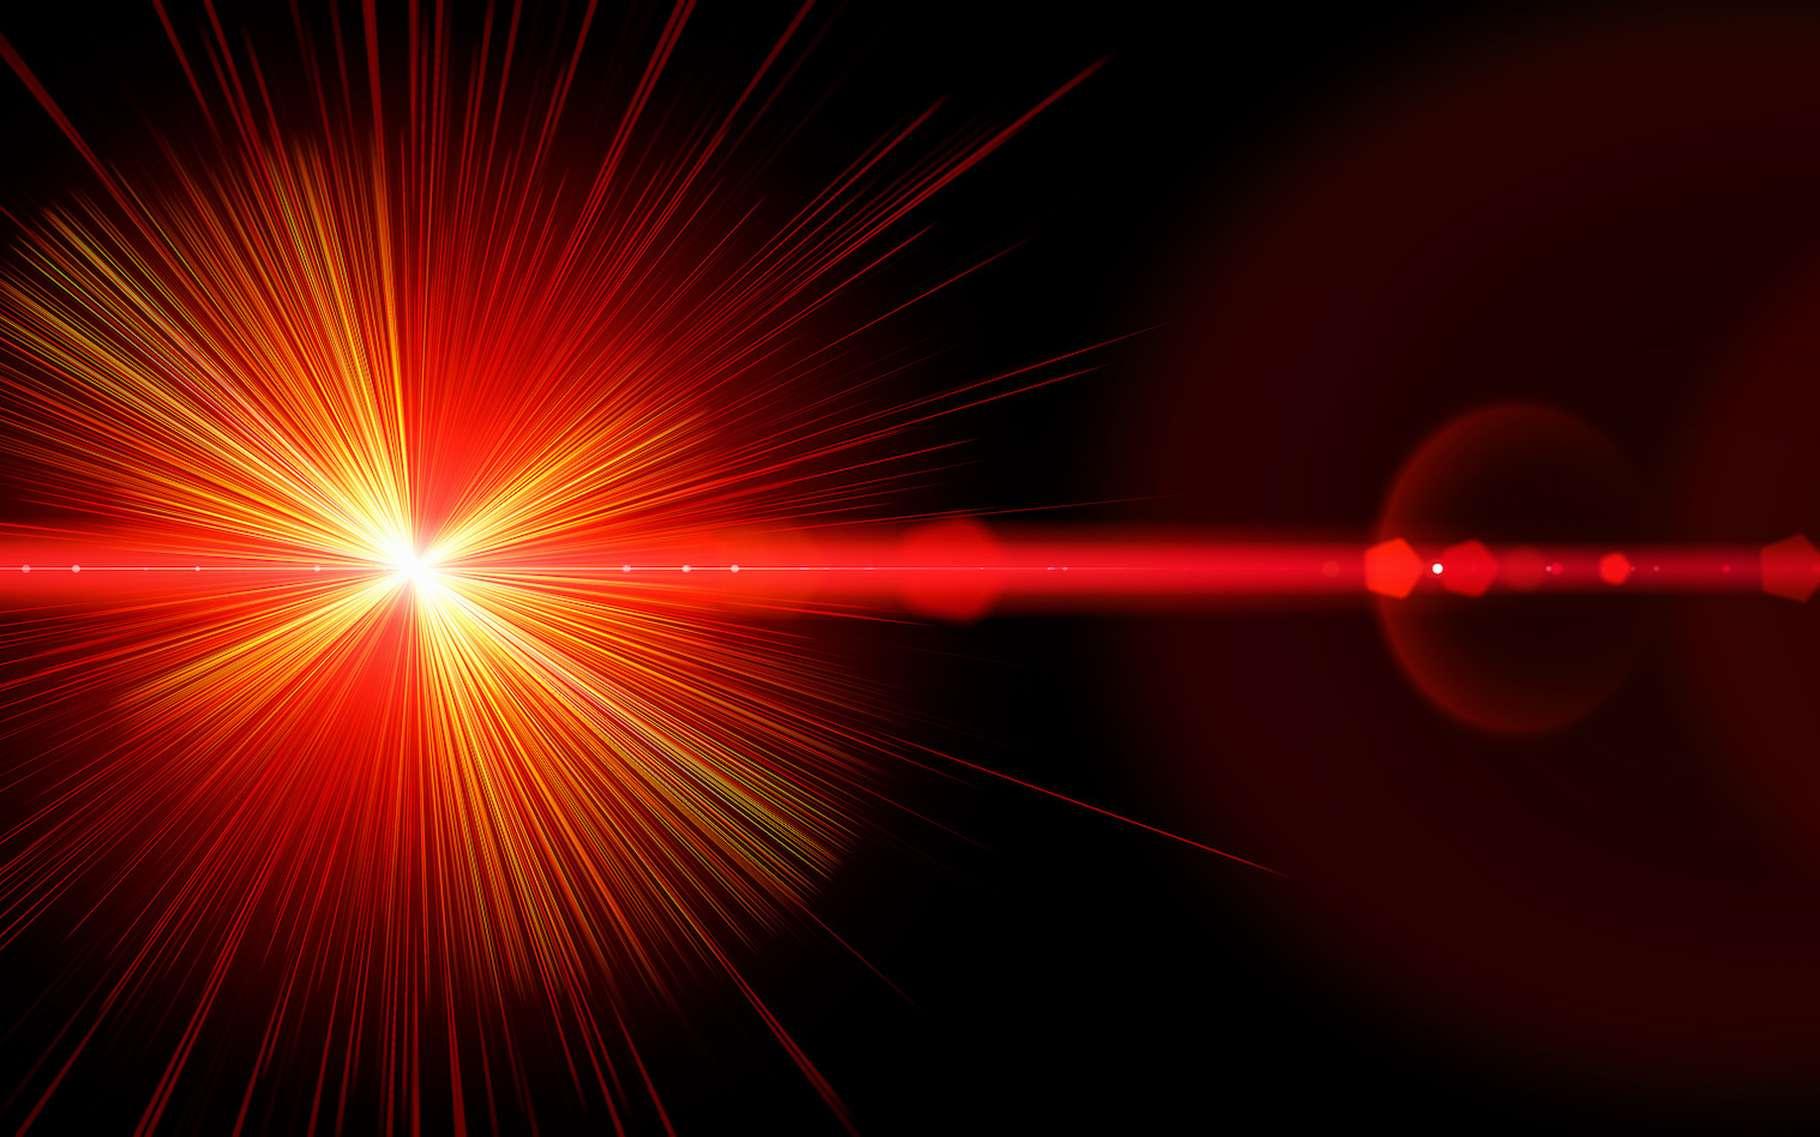 Une vue d'artiste d'un laser. © Fotolia, psdesign1